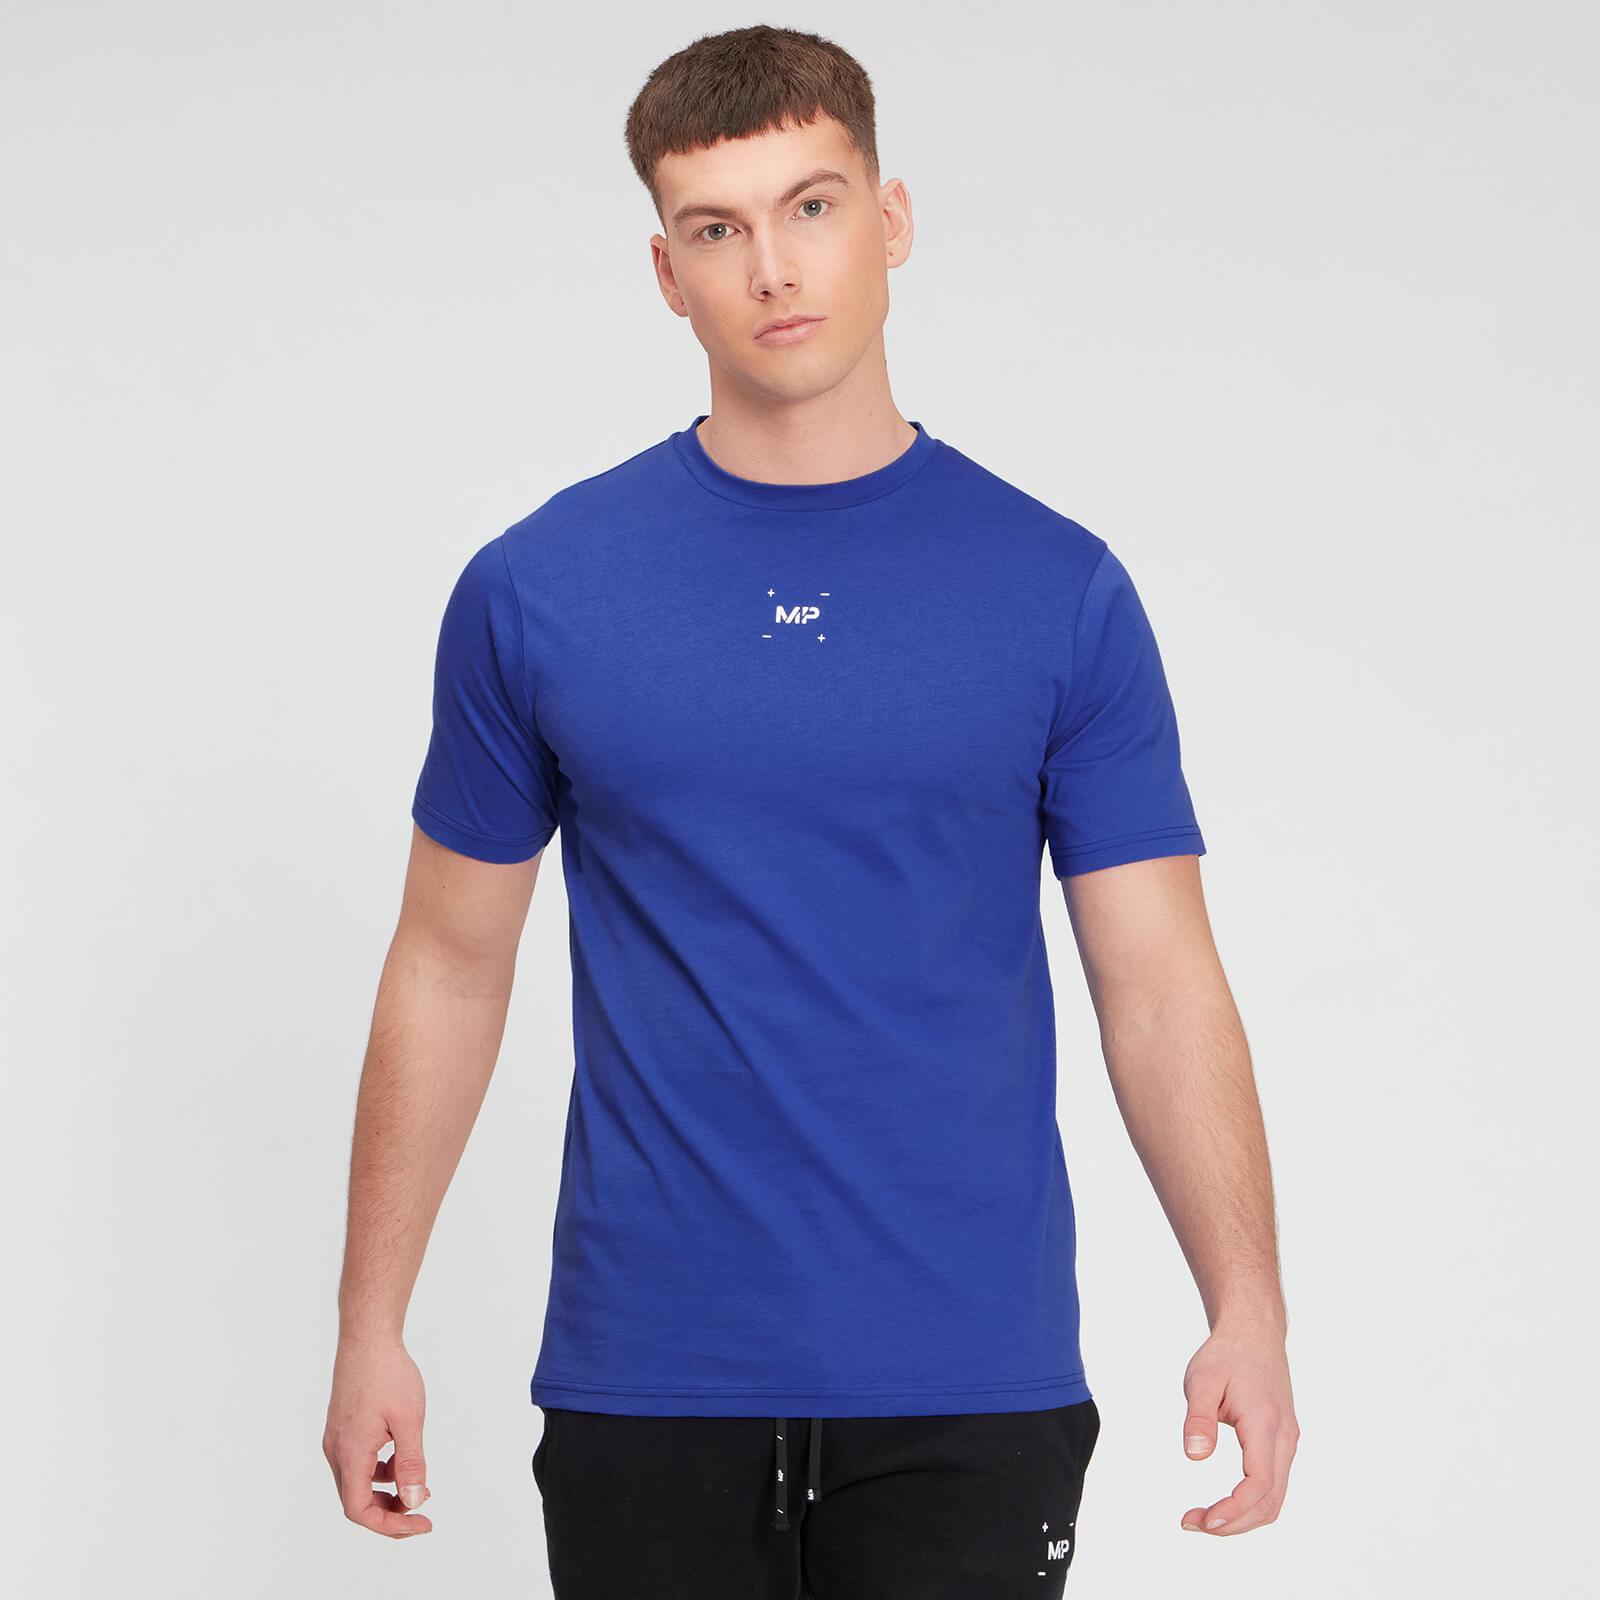 Купить MP Men's Central Graphic Short Sleeve T-Shirt - Cobalt - XXXL, Myprotein International